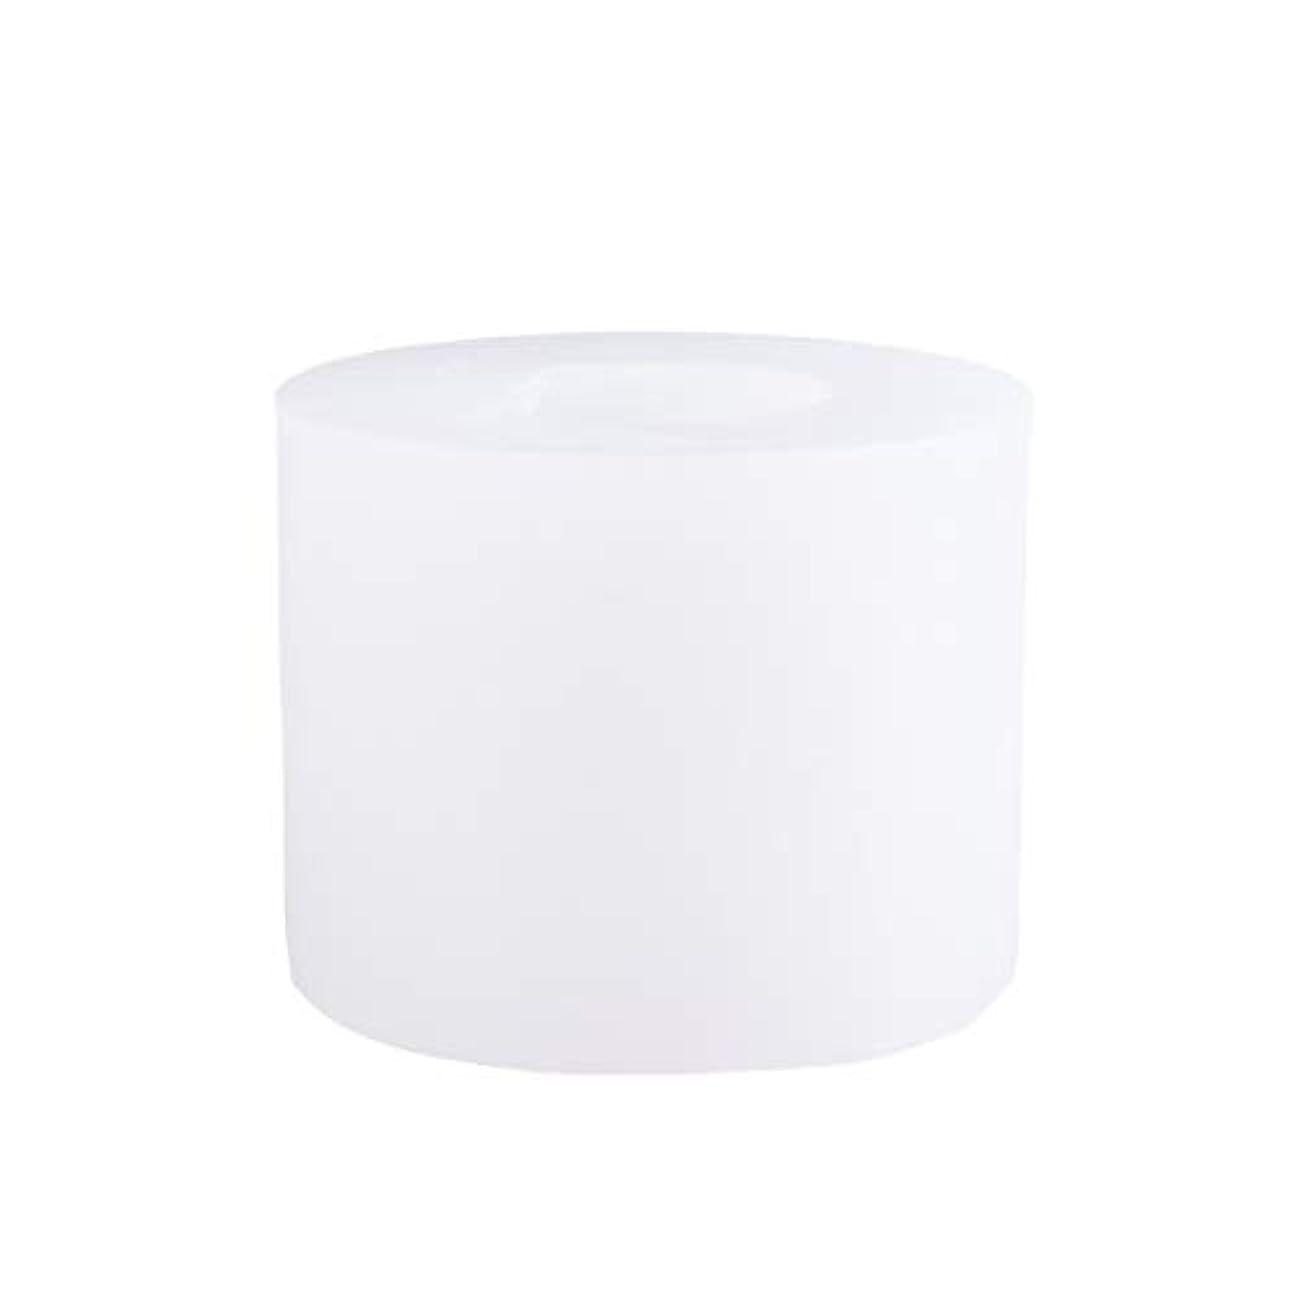 アミューズひいきにする識字SUPVOX 3Dシリコーンの香料入りの蝋燭型DIYの技術はフォンダンケーキ型を形成します